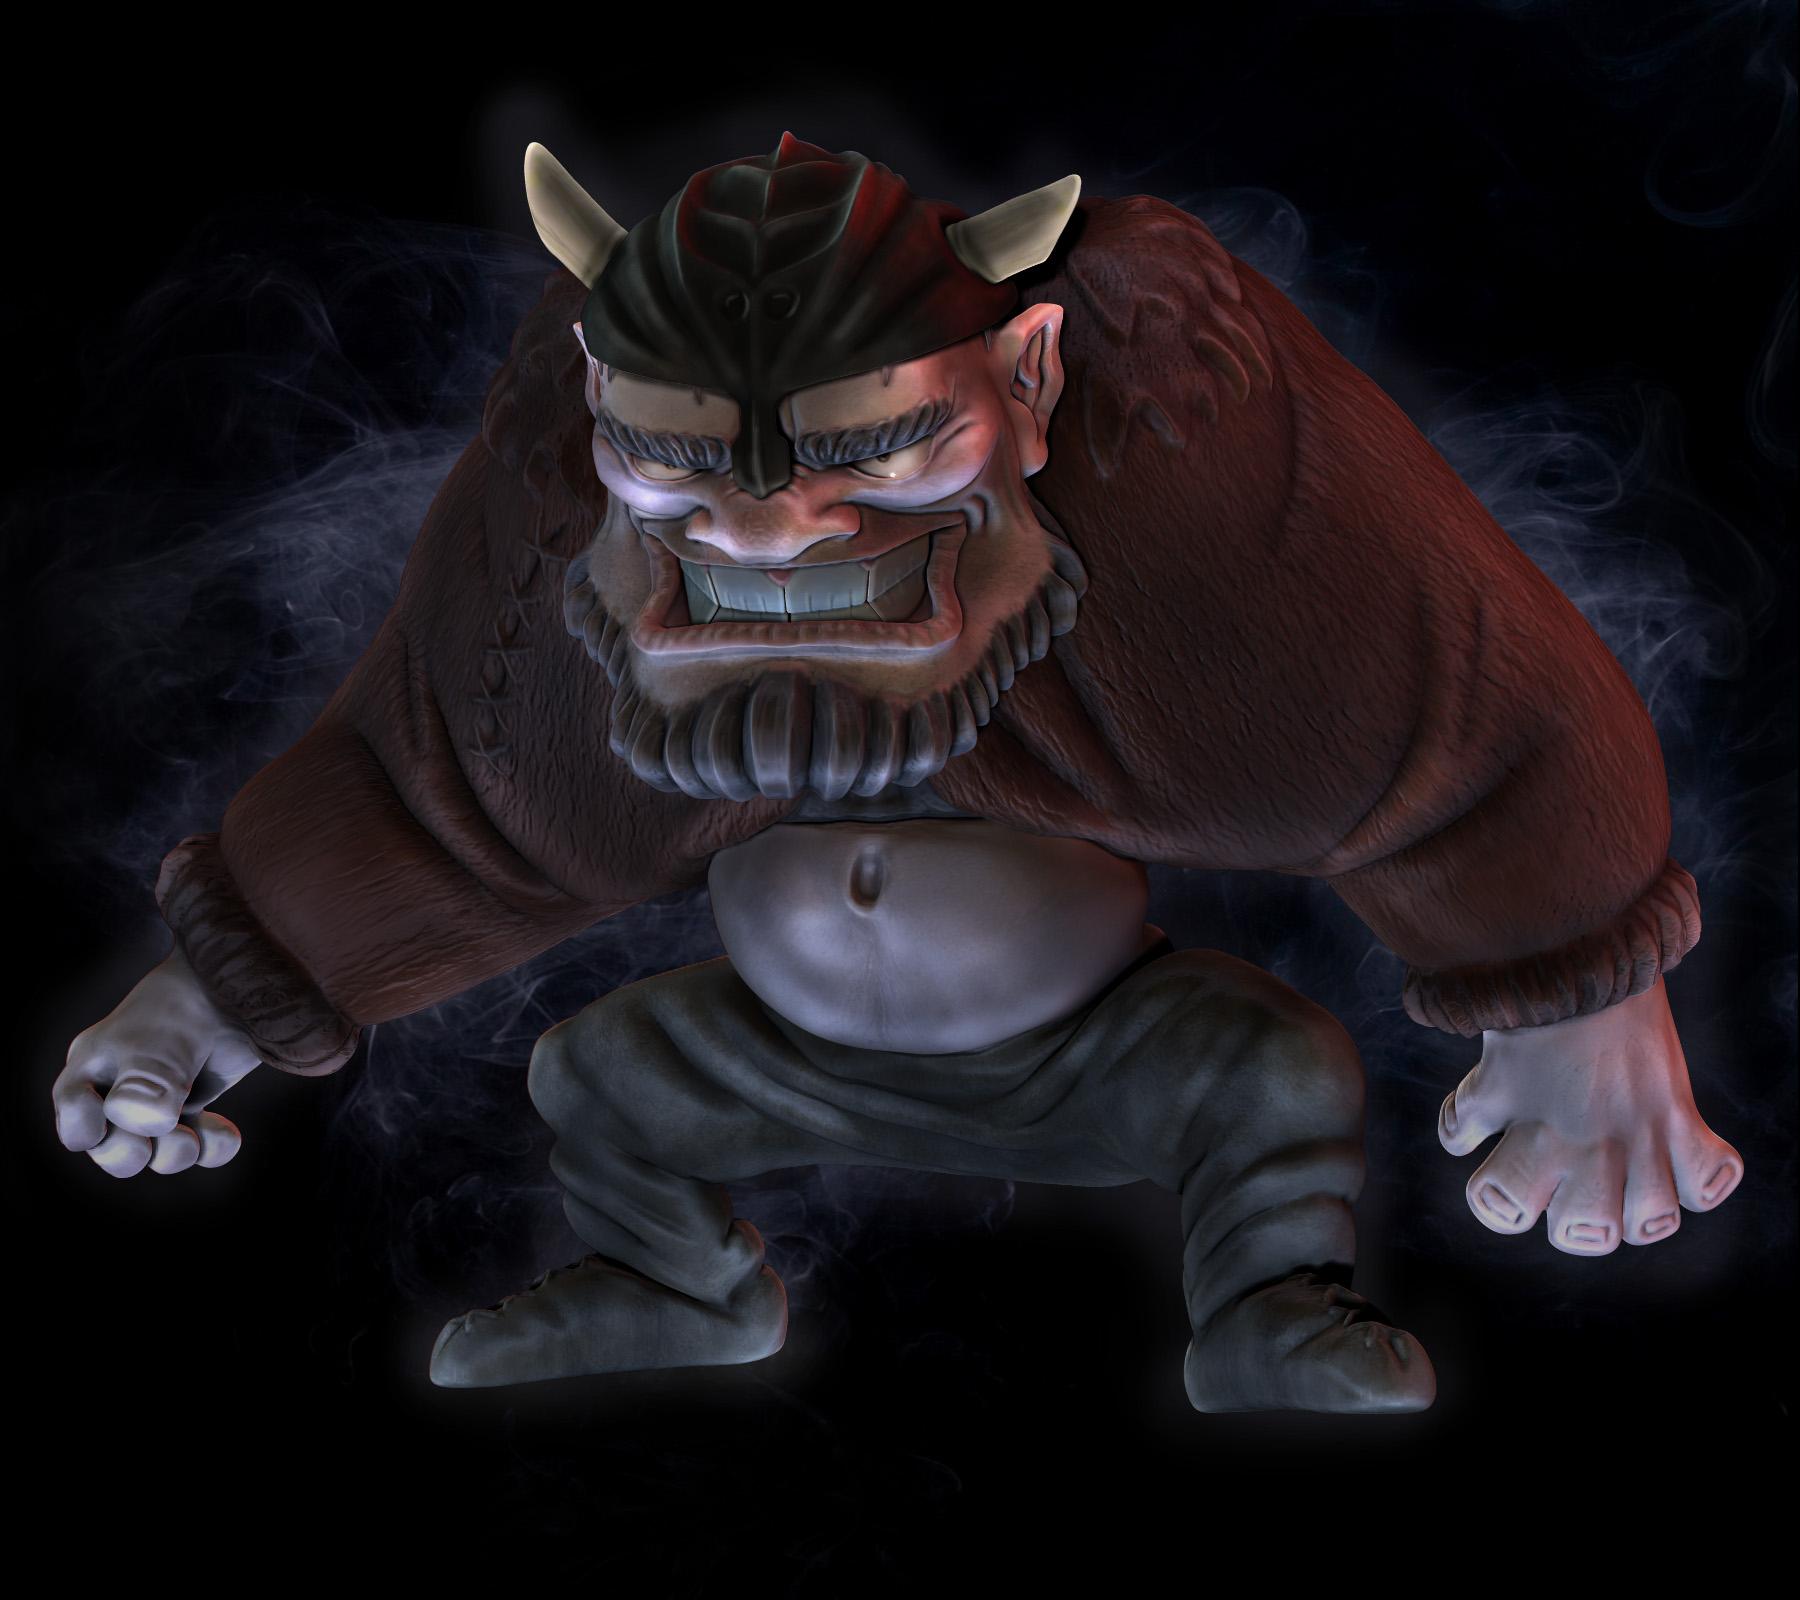 Evil Viking by TheRedBarn